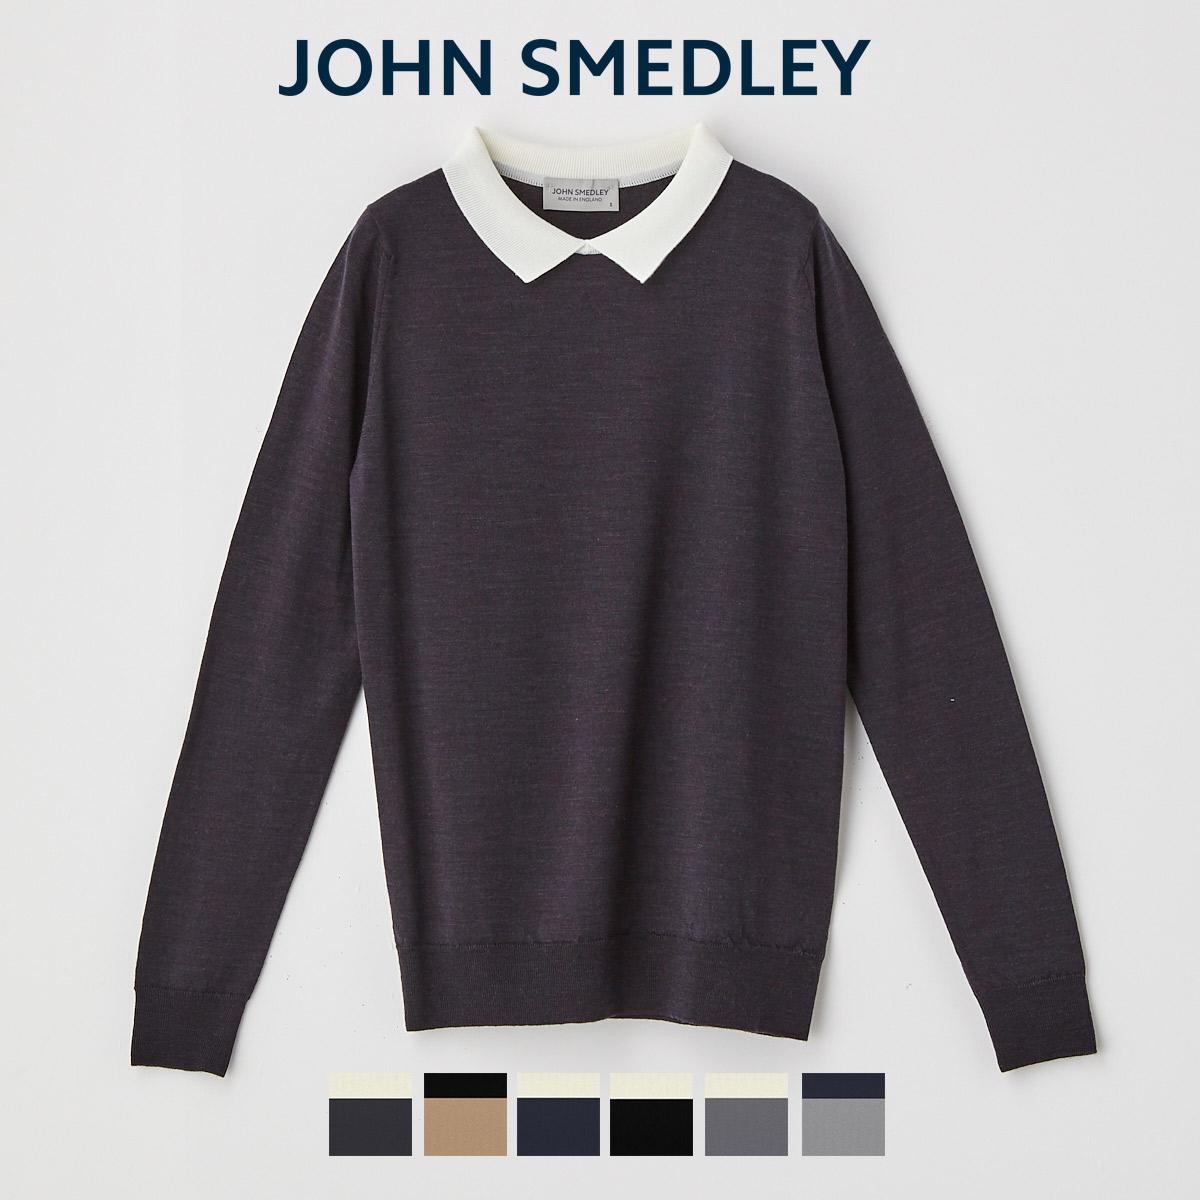 ジョンスメドレー JOHN SMEDLEY ニット ポロシャツ 日本限定アイテム ポイント5倍 激安 激安特価 送料無料 9 休日 4 レディース 2021AW 11 20:00~9 公式 1:59 長袖ニットポロシャツ A4448